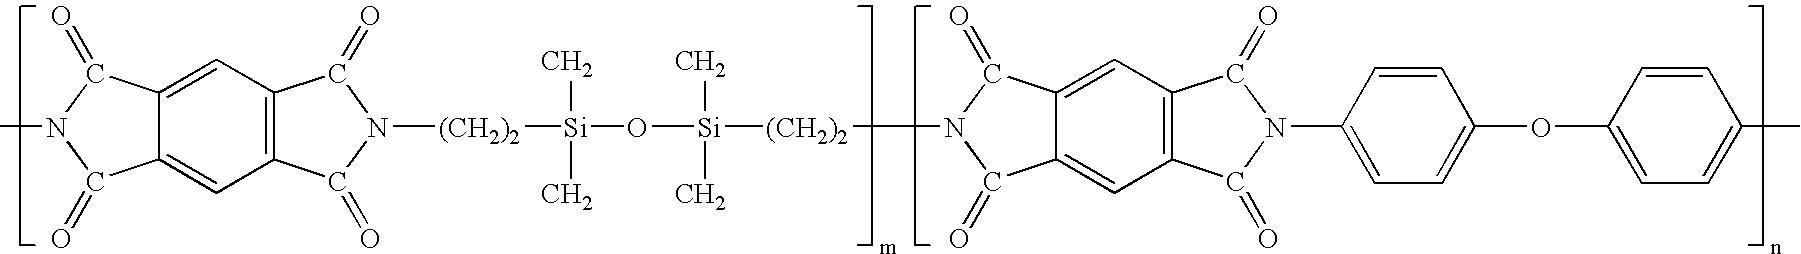 Figure US20060147845A1-20060706-C00001